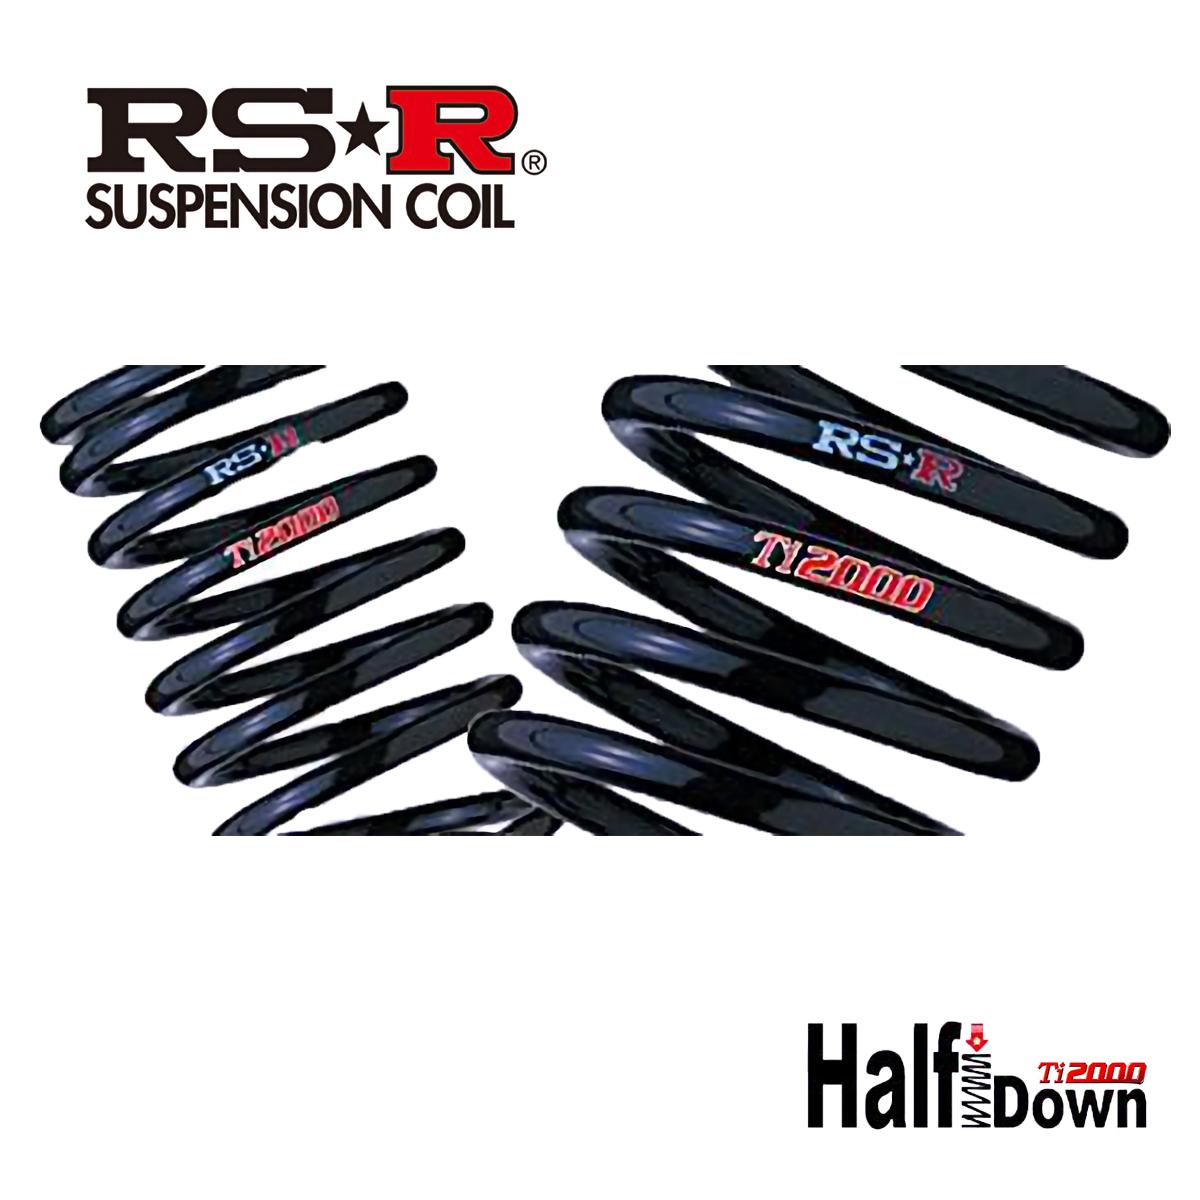 RS-R CX-8 CX8 KG5P 25T プロアクティブ ダウンサス スプリング 1台分 M302THD Ti2000 ハーフダウン RSR 個人宅発送追金有